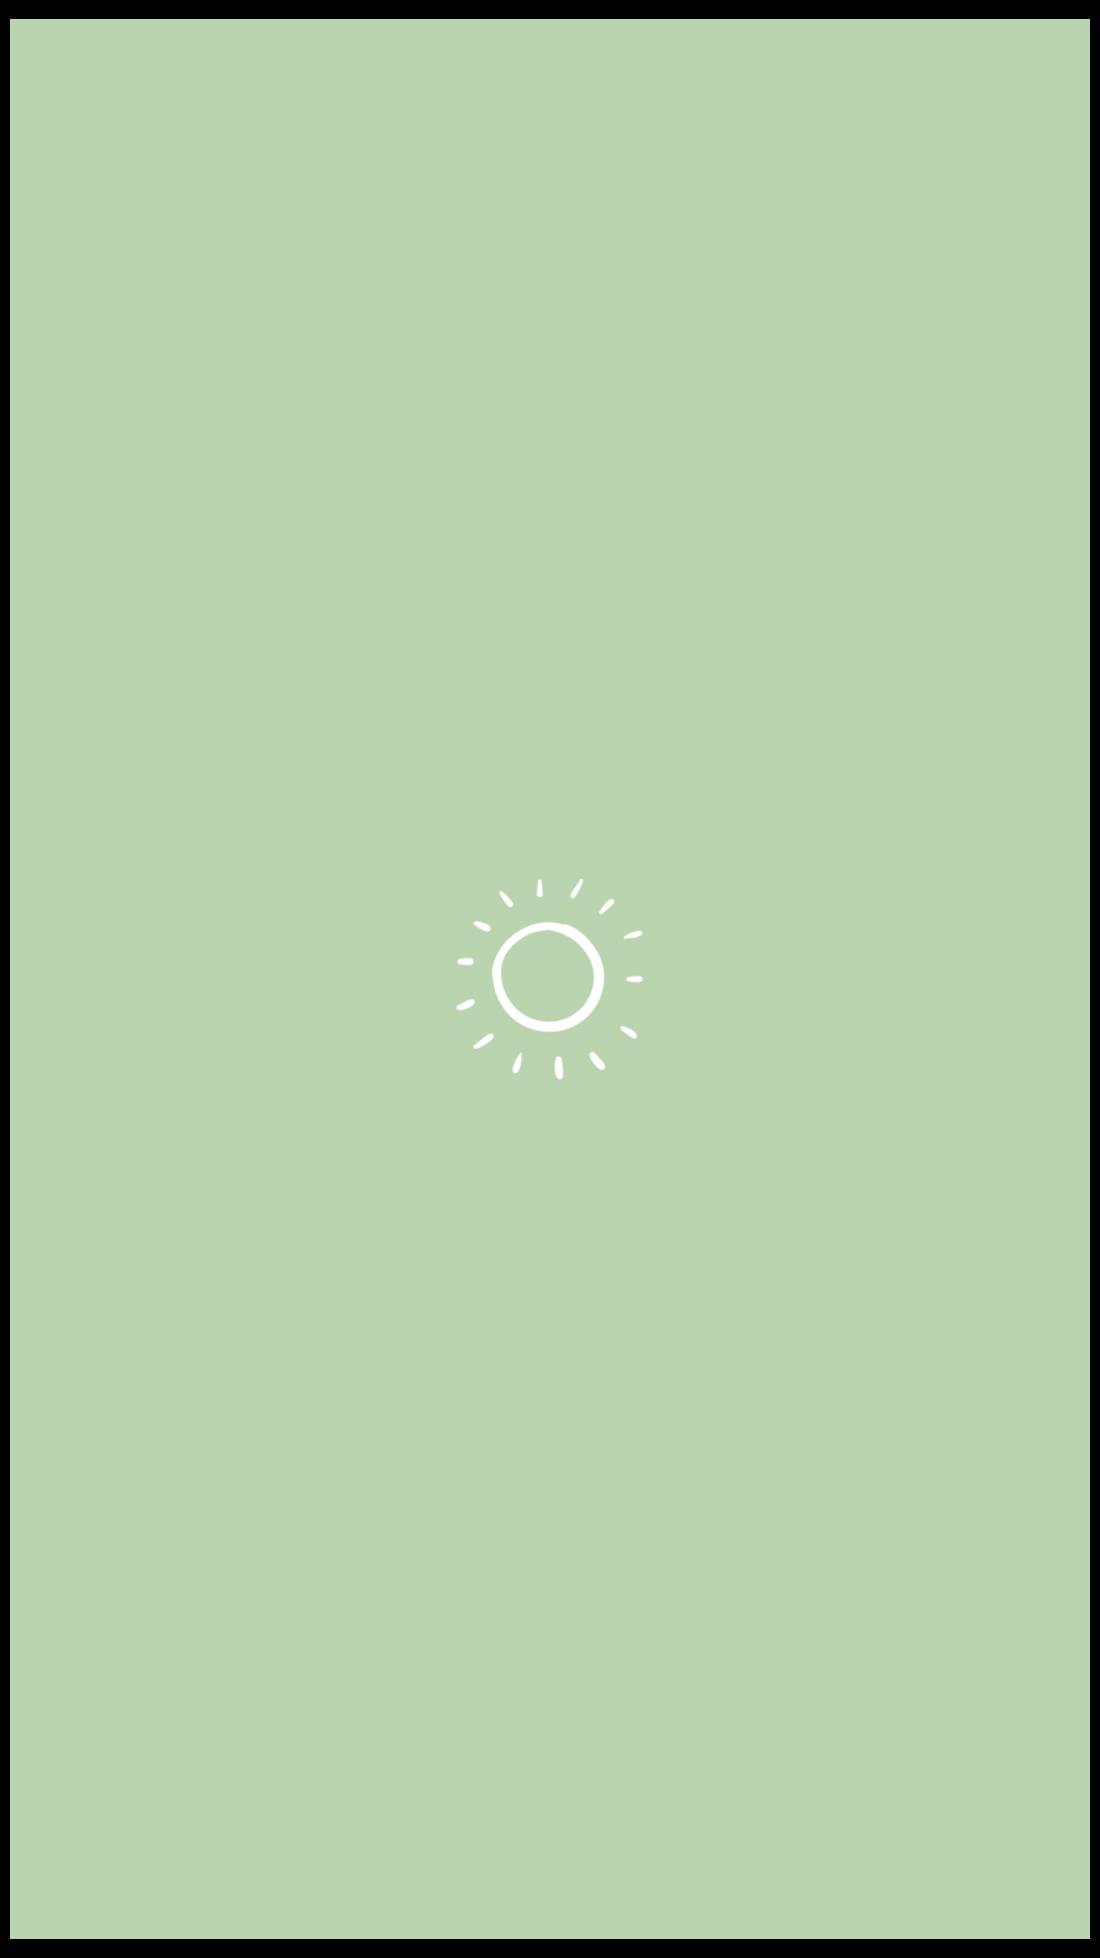 green minimalist wallpaper iphone